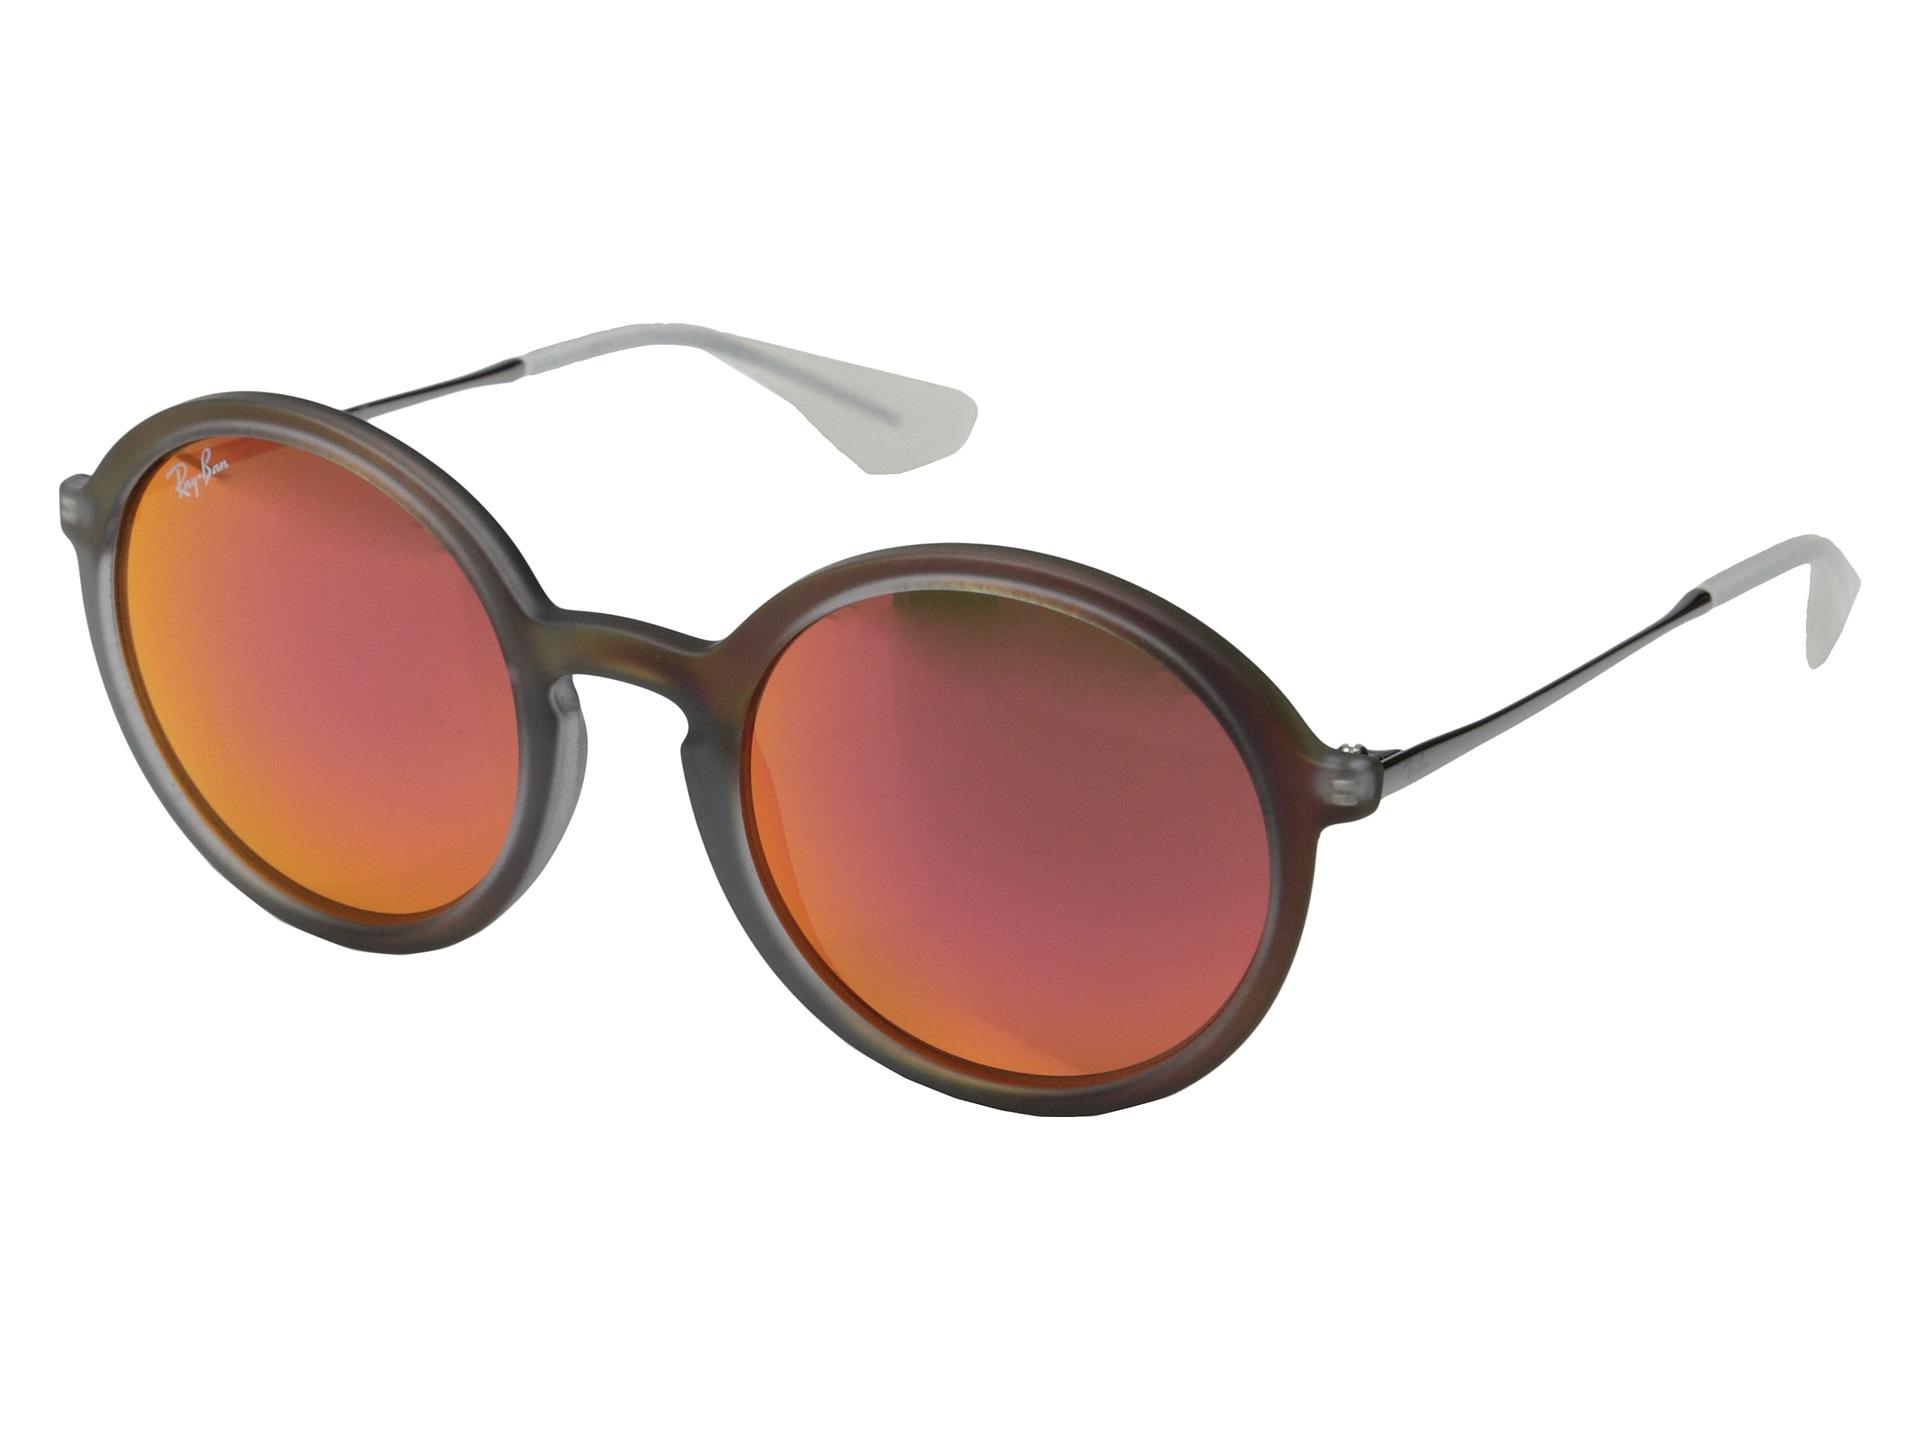 Ray Ban Aviator Sunglasses Red